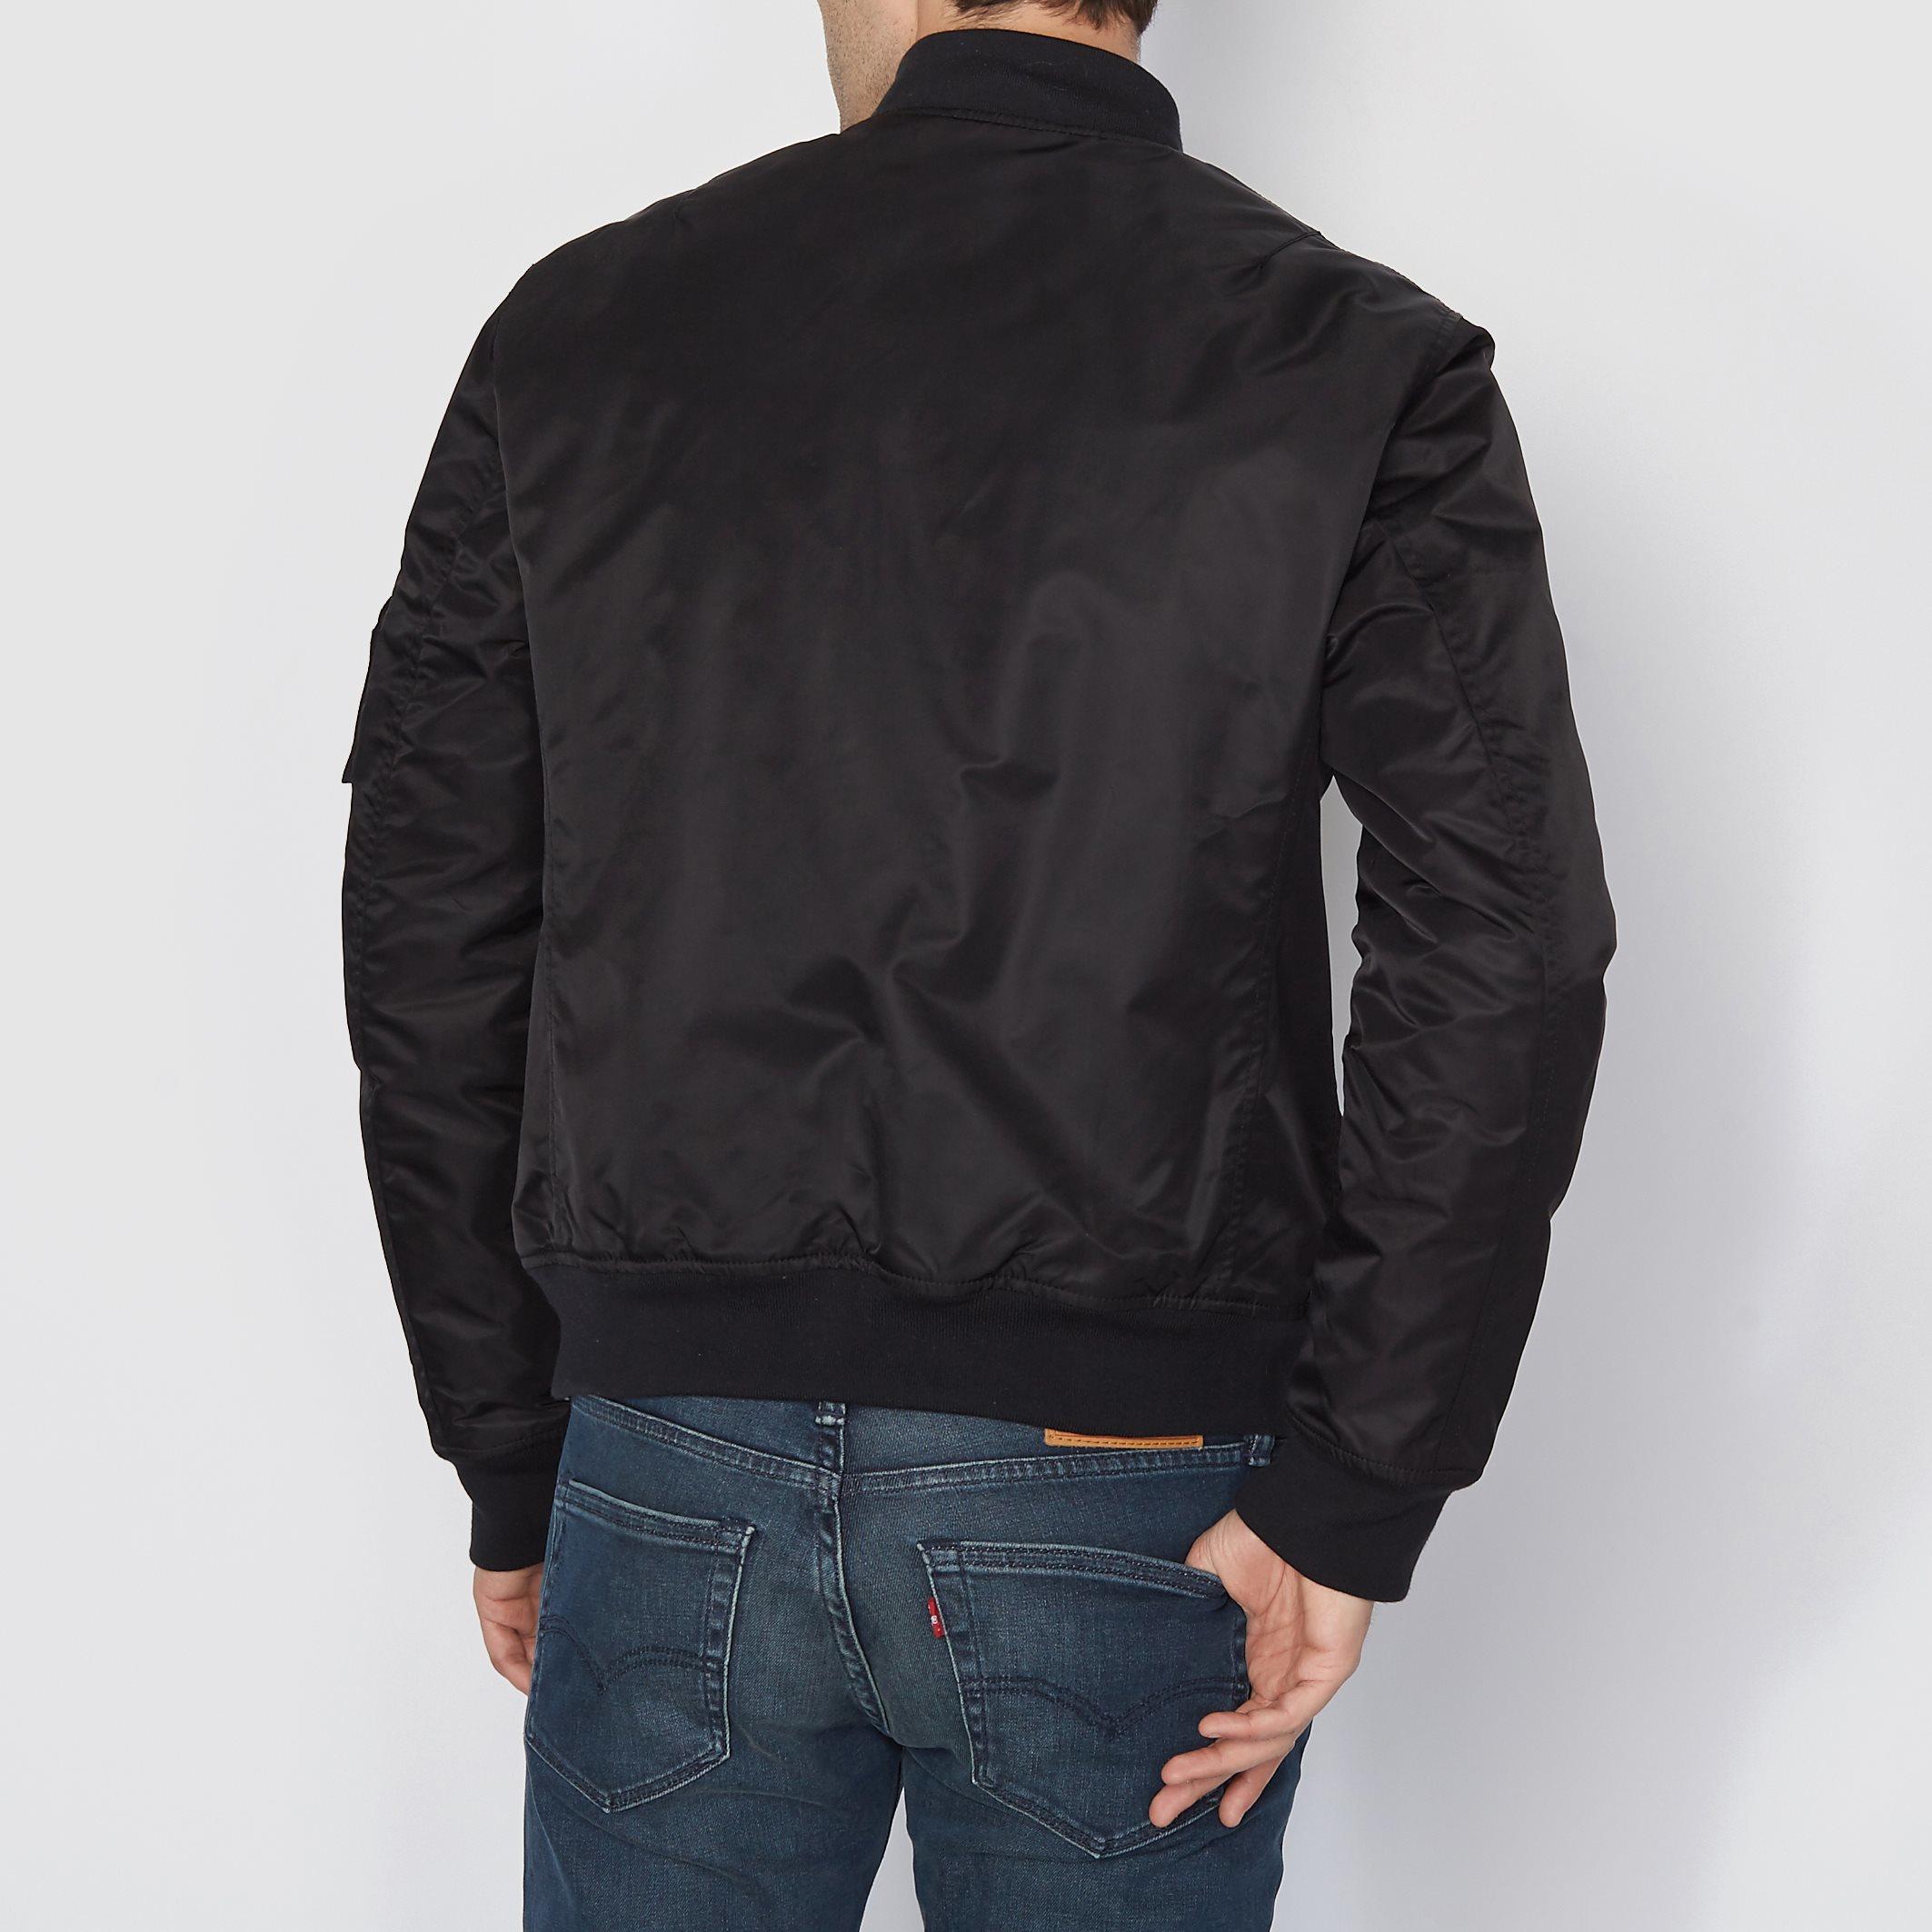 schott nyc bomber jacket in black for men lyst. Black Bedroom Furniture Sets. Home Design Ideas